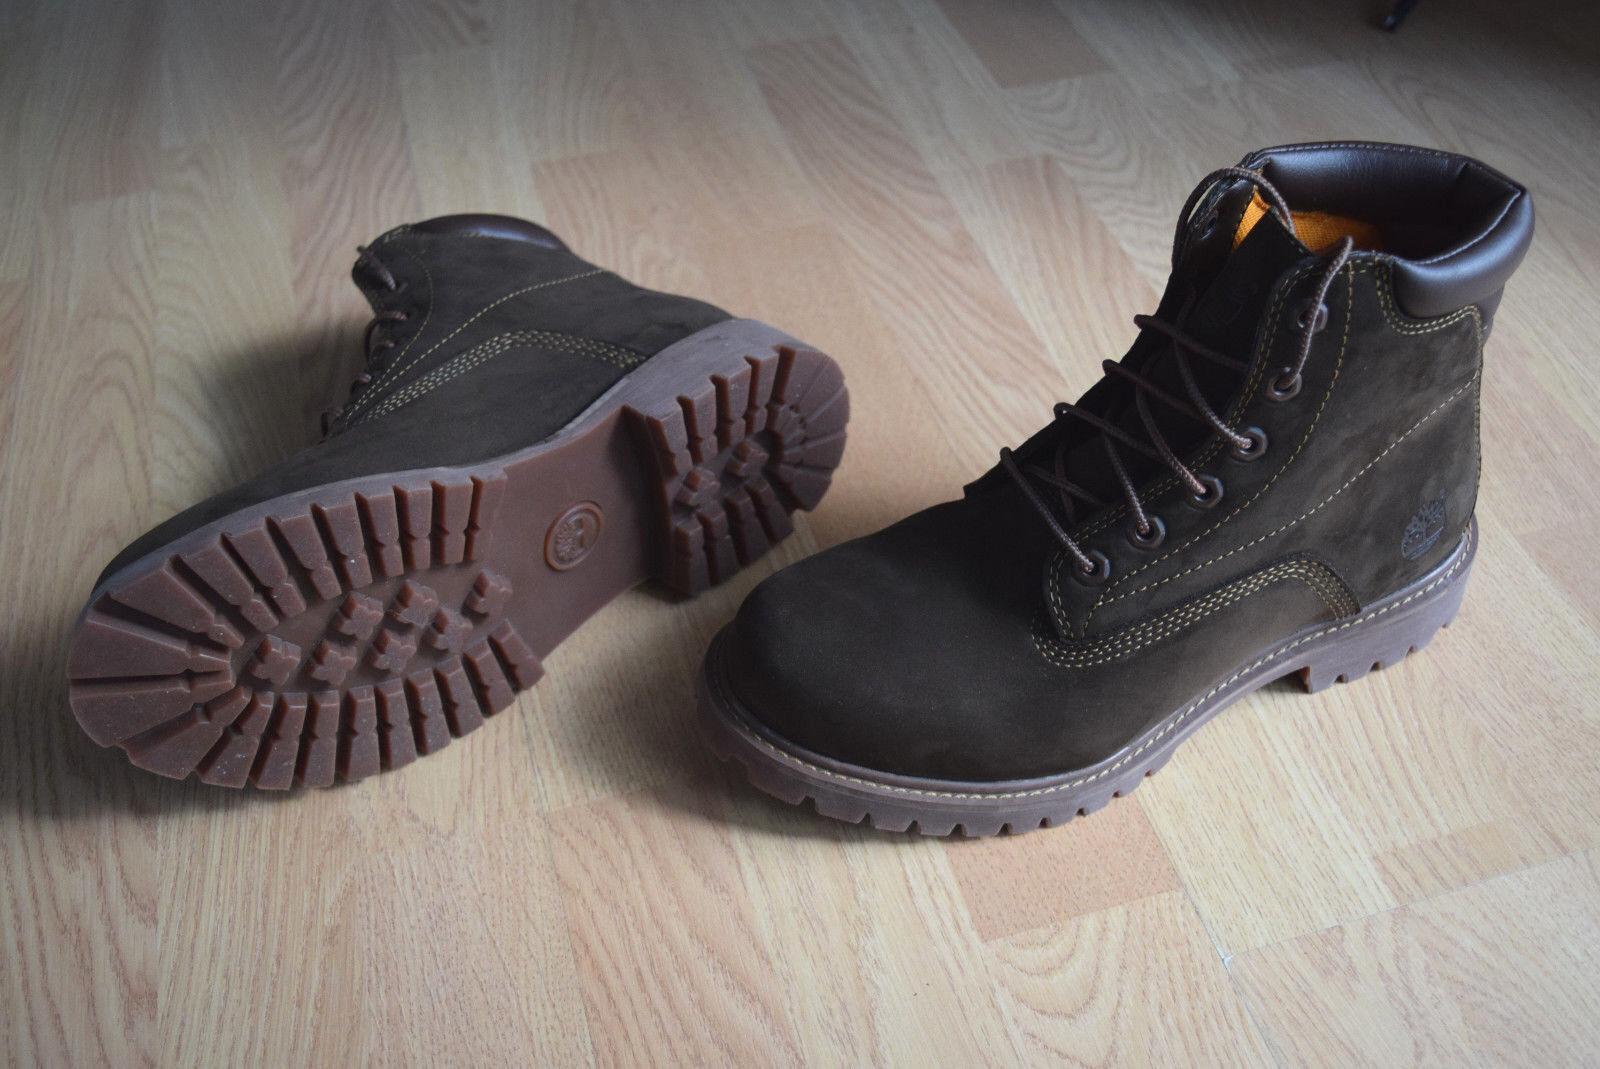 Timberland basic 6 Inch 40 41  (M) Stiefel Stiefel Nubuk leather braun 37580    | Schnelle Lieferung